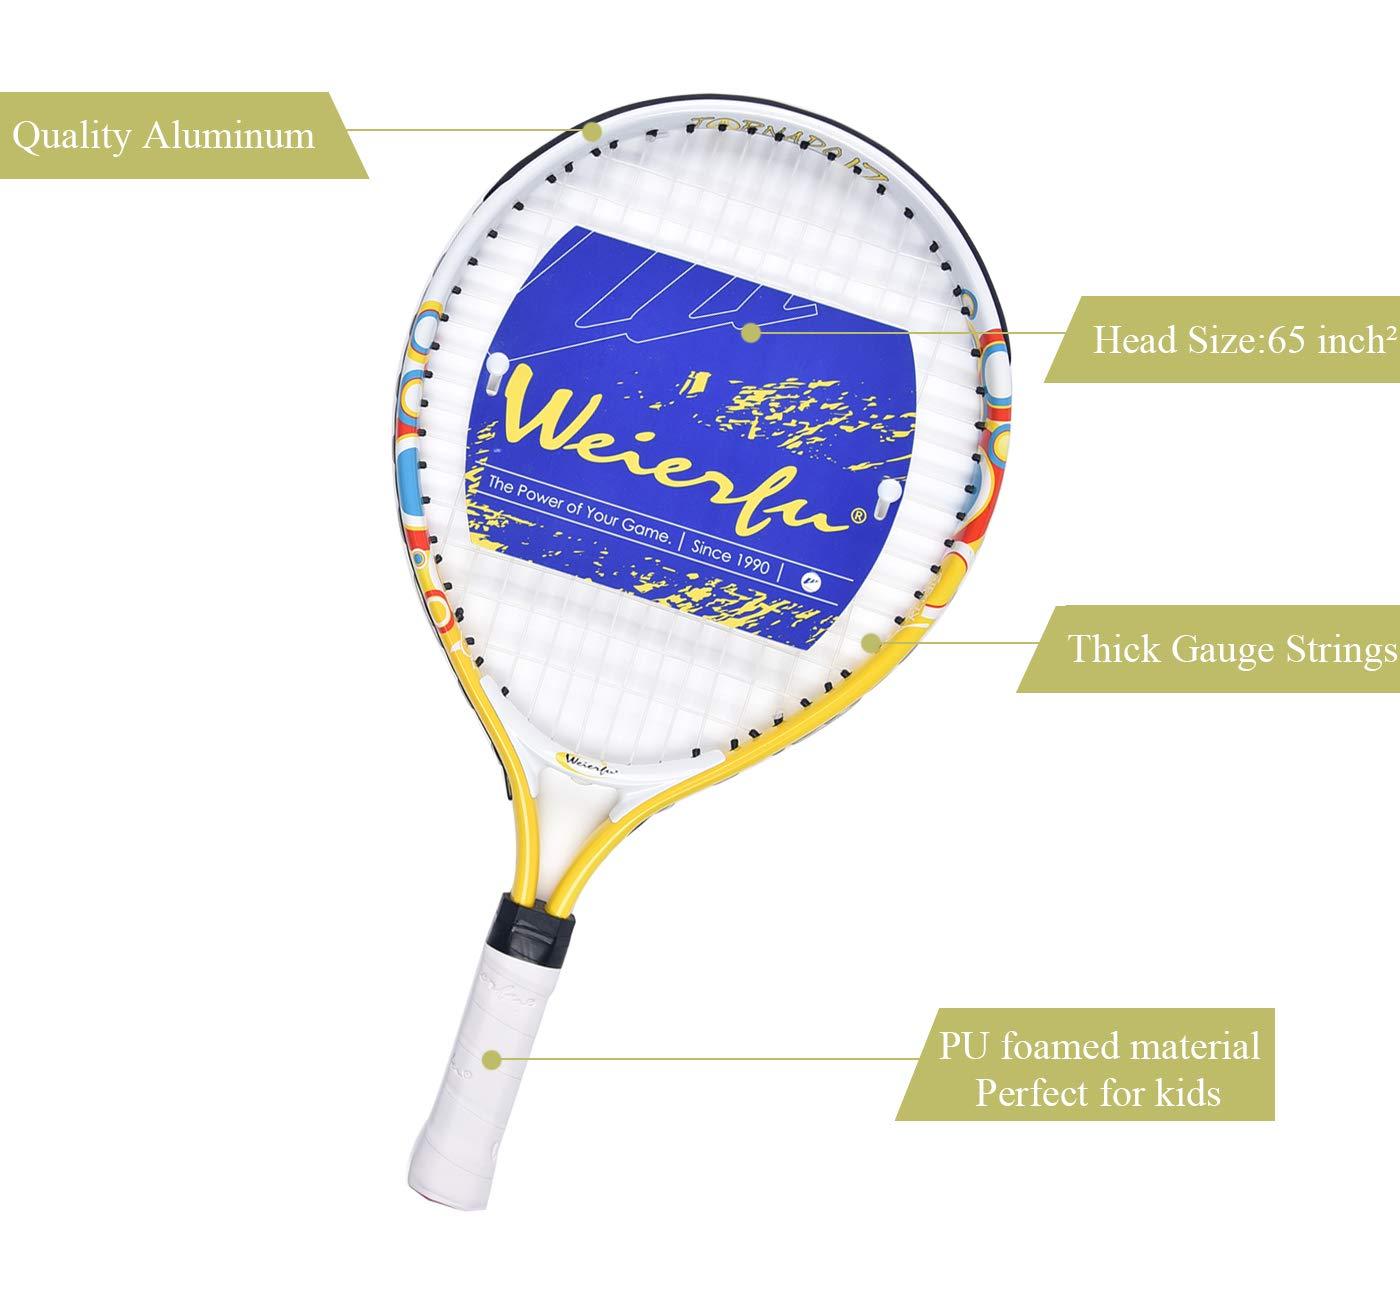 weierfu Junior Tennis Racket for Kids Toddlers Starter Racket 17-21 with Cover Bag Light Weight Strung